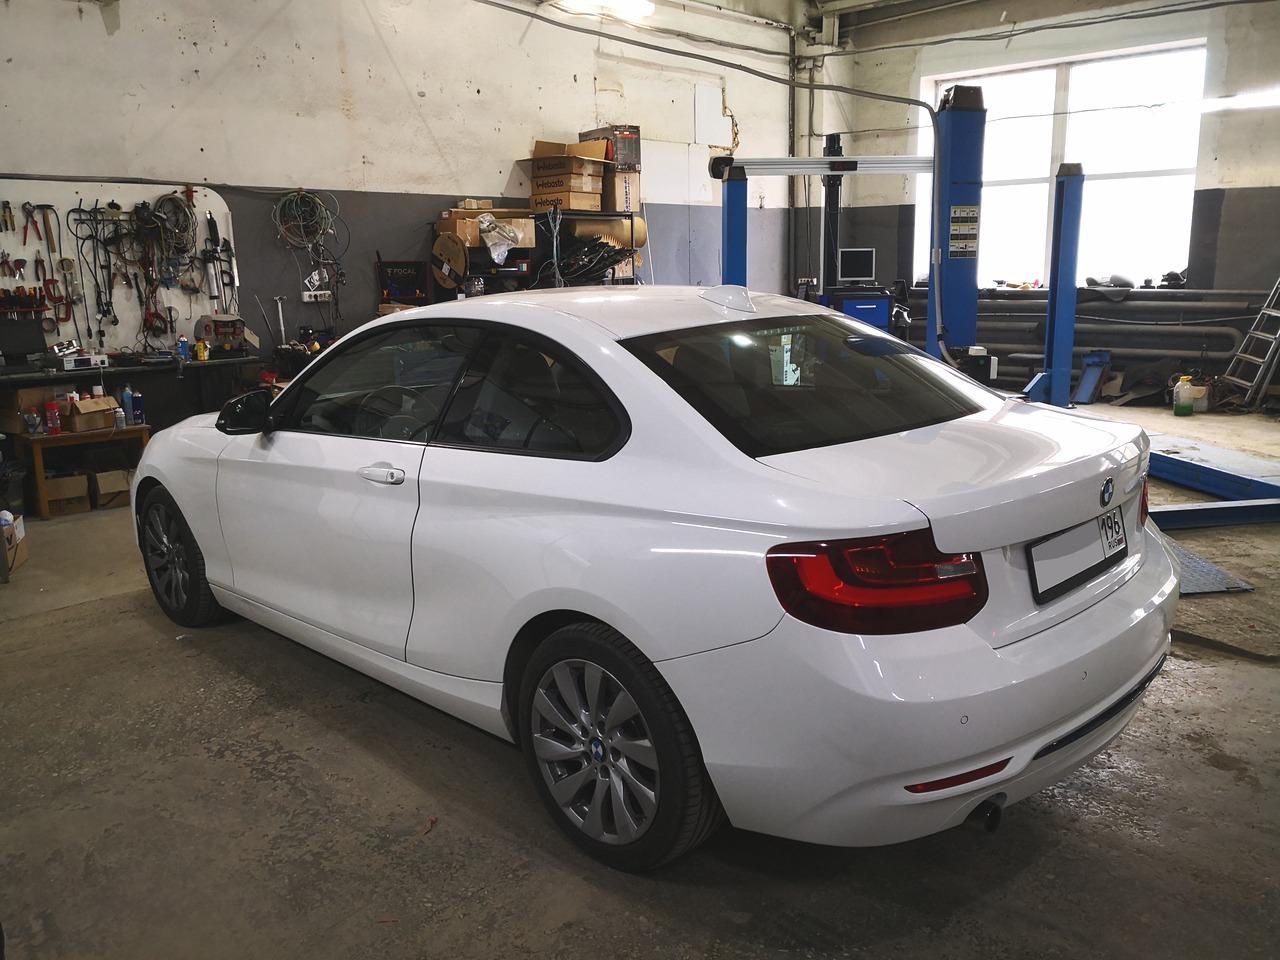 BMW F22 220d 2014 г.в.